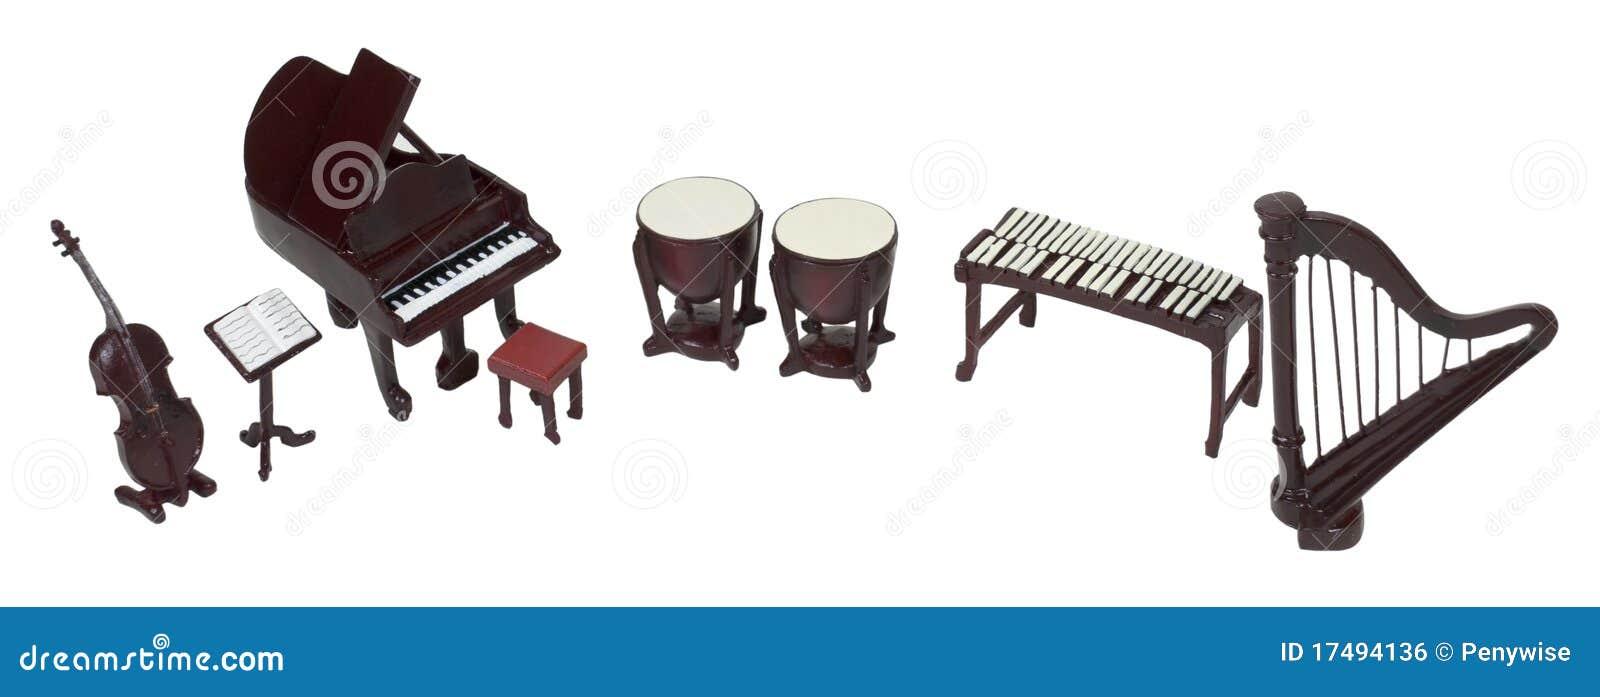 orchester instrumente stockfoto bild von musikalisch 17494136. Black Bedroom Furniture Sets. Home Design Ideas